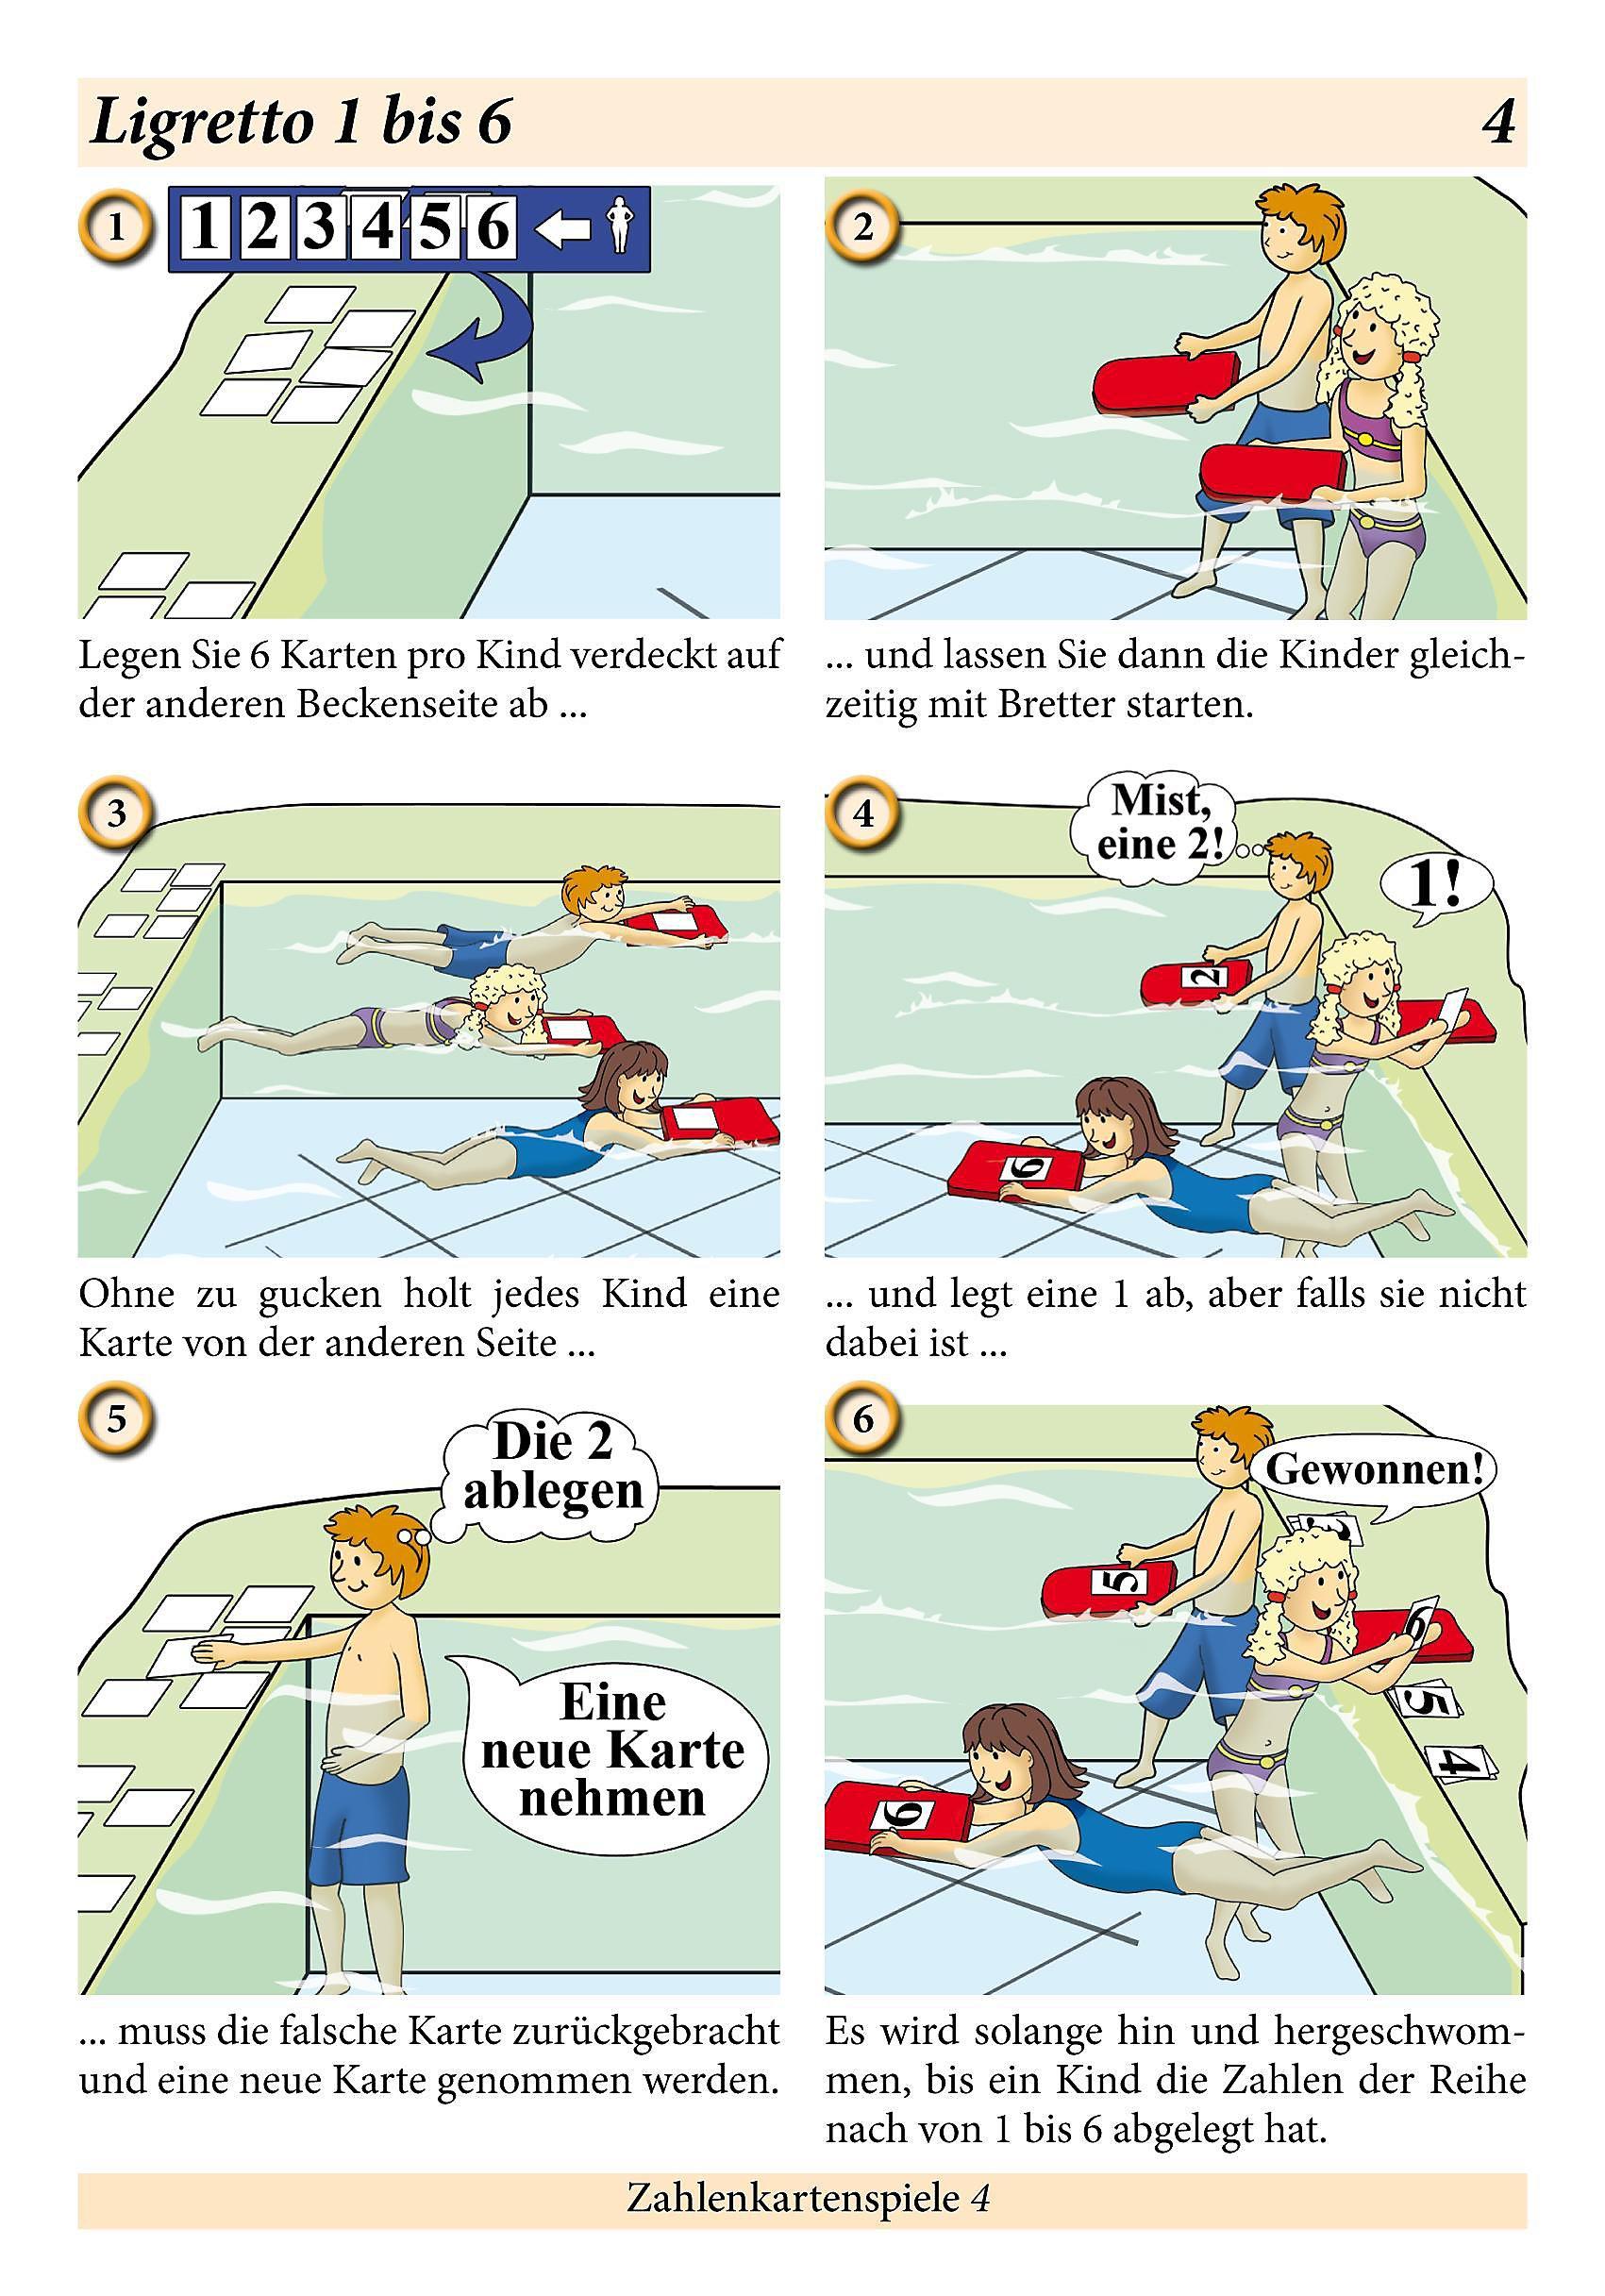 schwimmen lernen 3 pool nudel co laminiert oder unlaminiert spielen lernen mit kindern